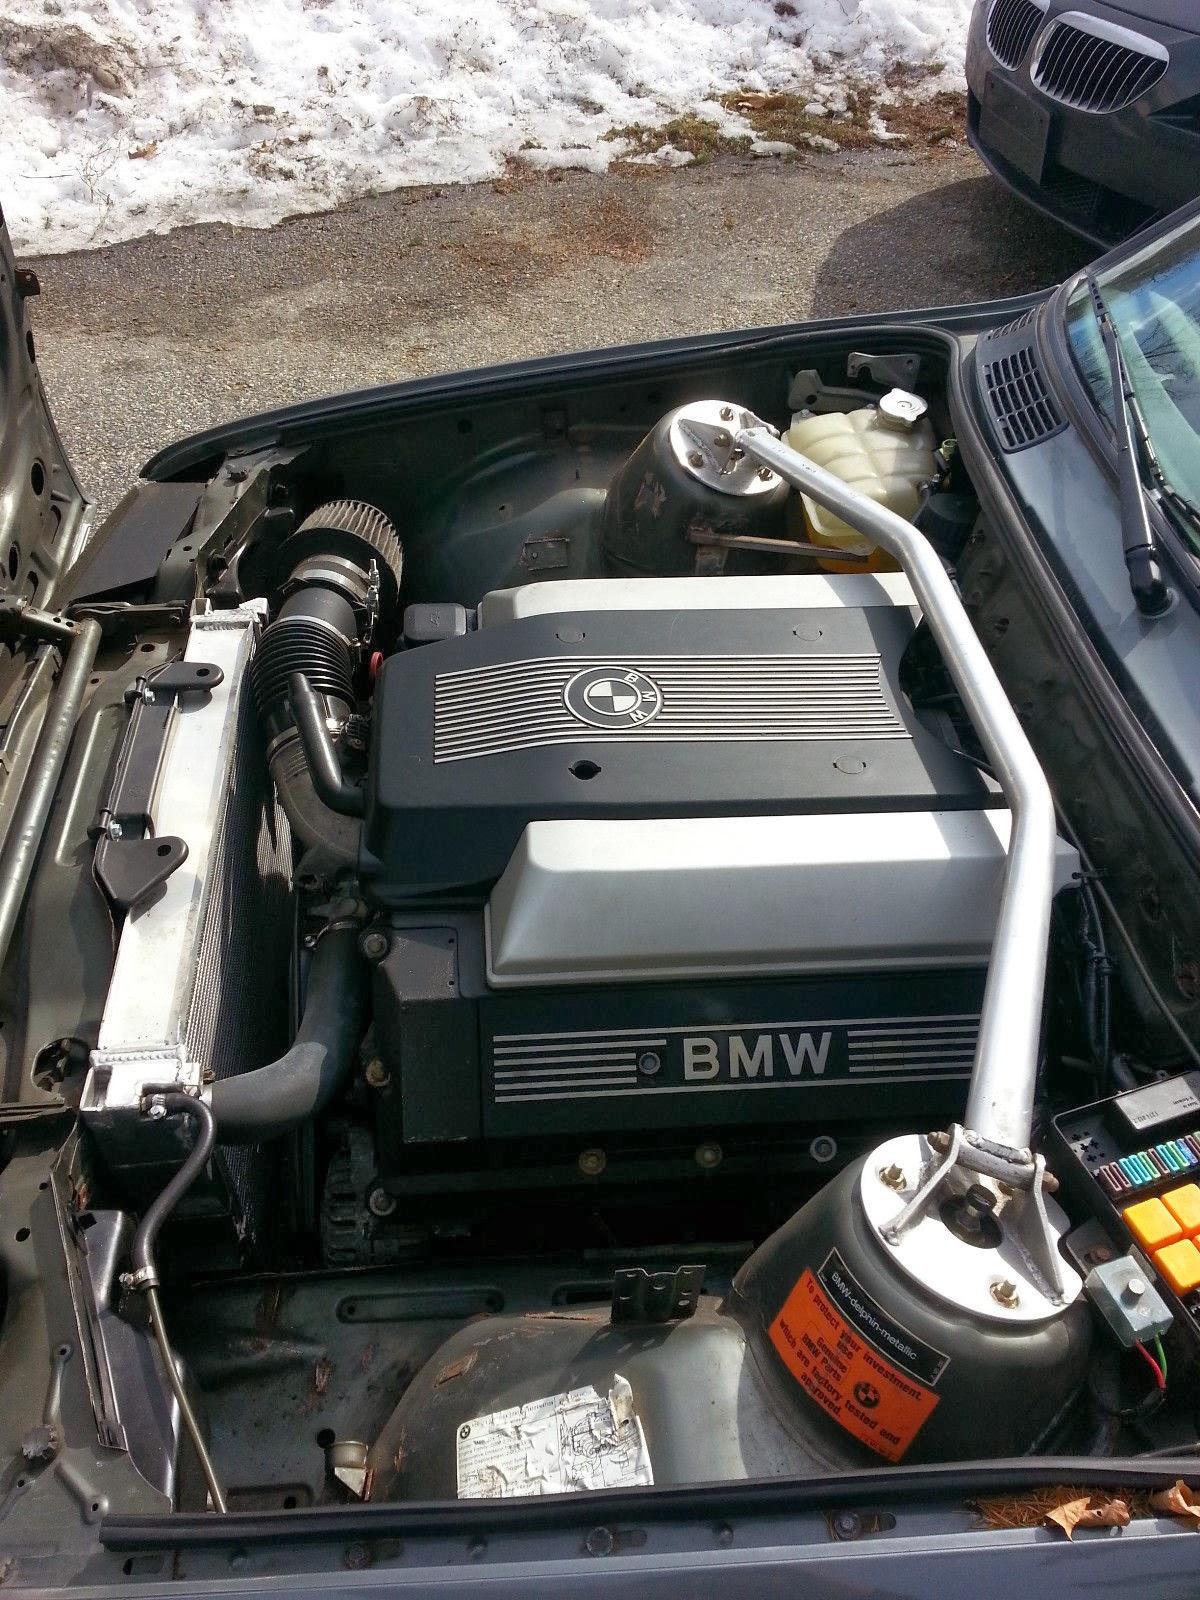 Daily Turismo: 10k: M60 V8 Swap: 1986 BMW E30 325ES